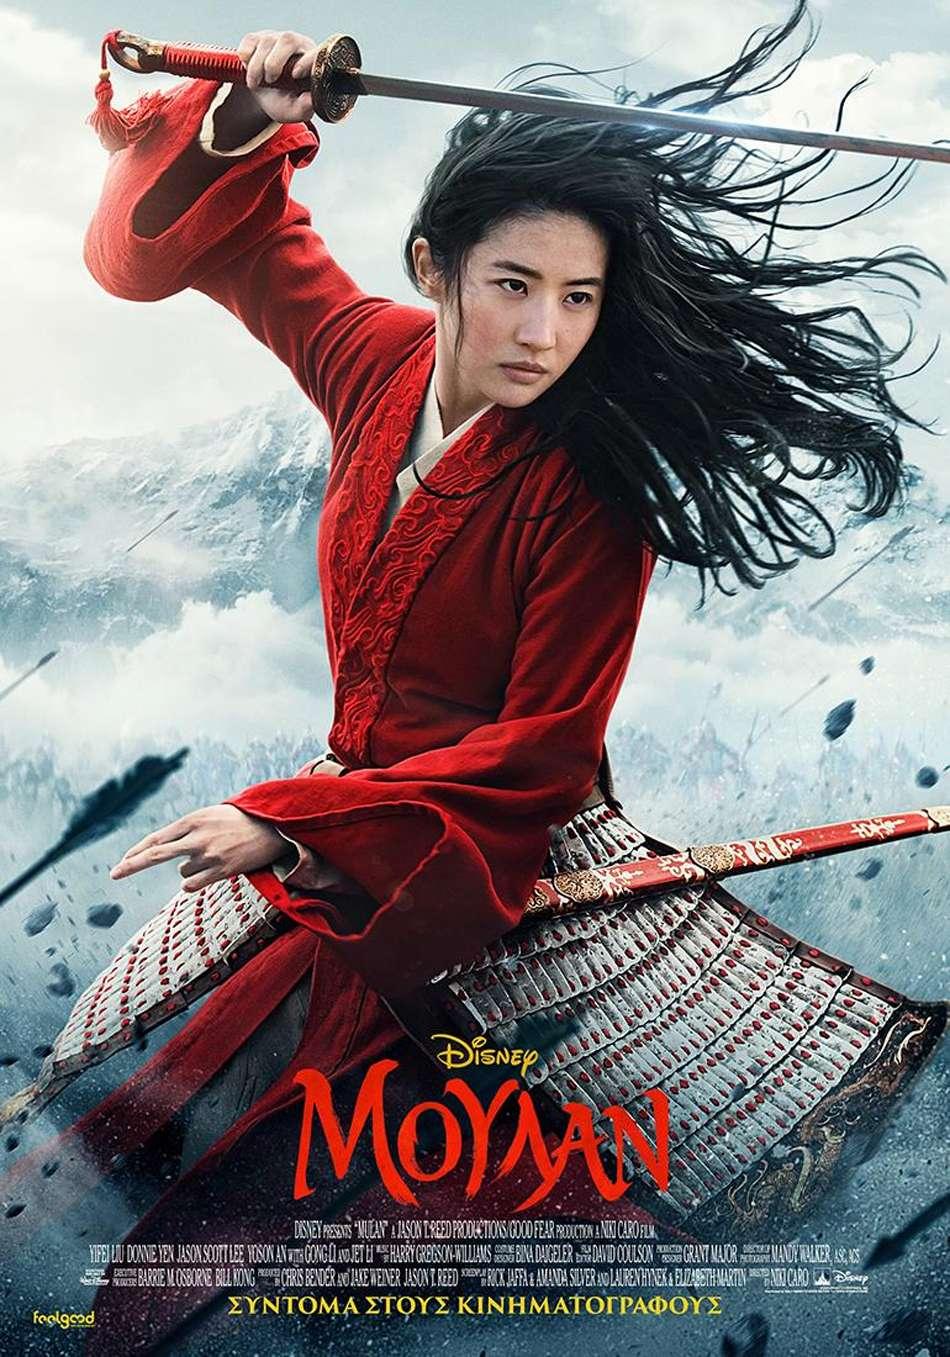 Μουλάν (Mulan) Poster Πόστερ